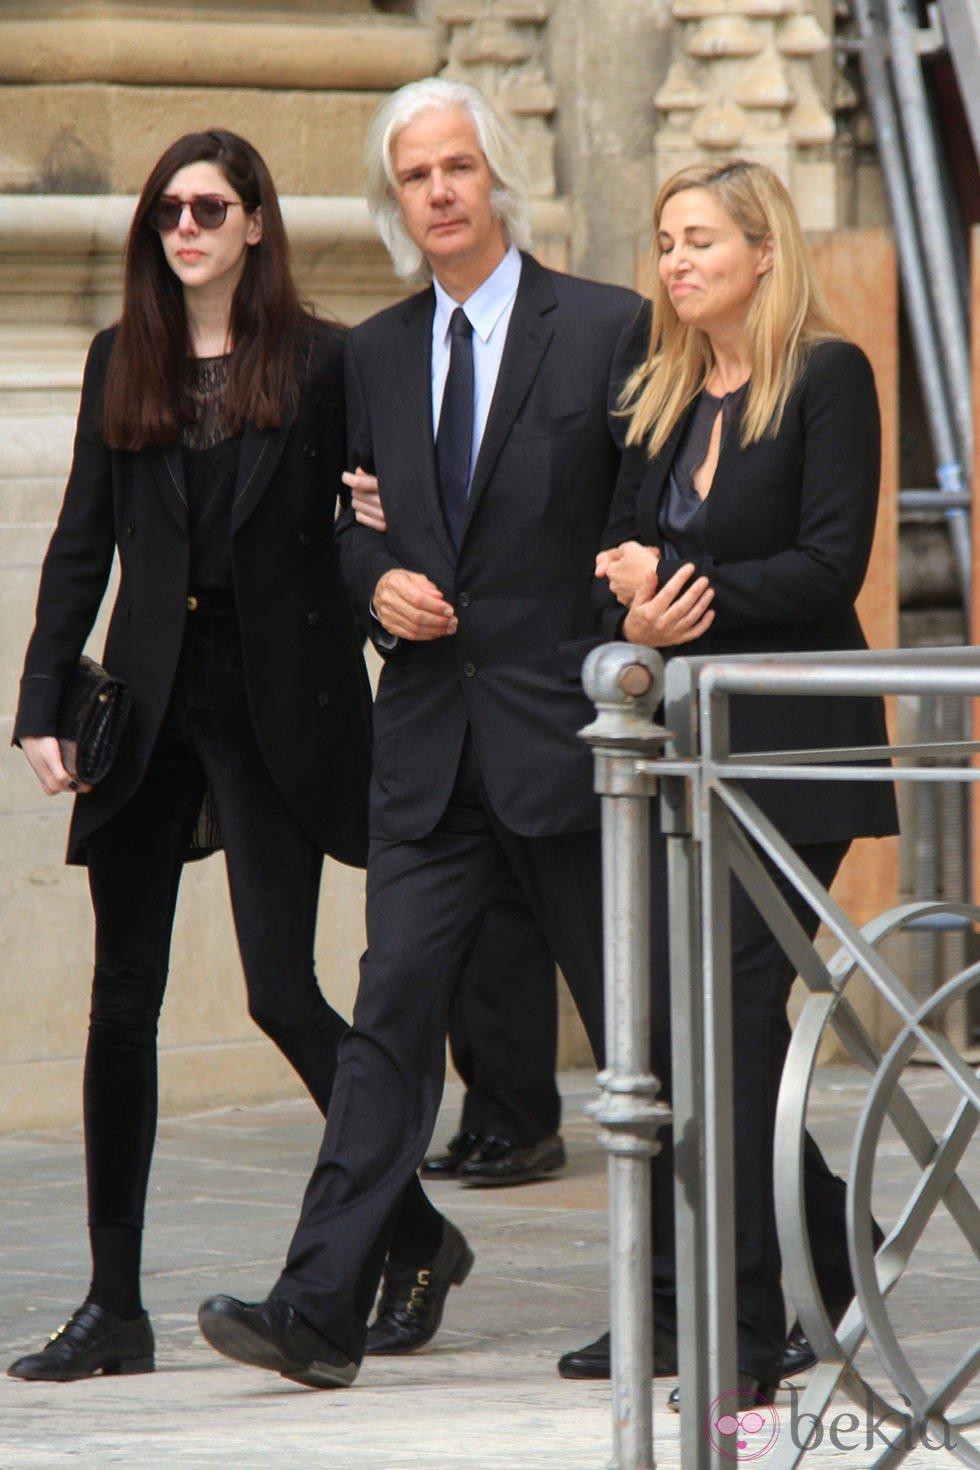 Jacobo Fitz-James Stuart con su mujer Inka Martí y su hija Brianda tras el funeral de la Duquesa de Alba